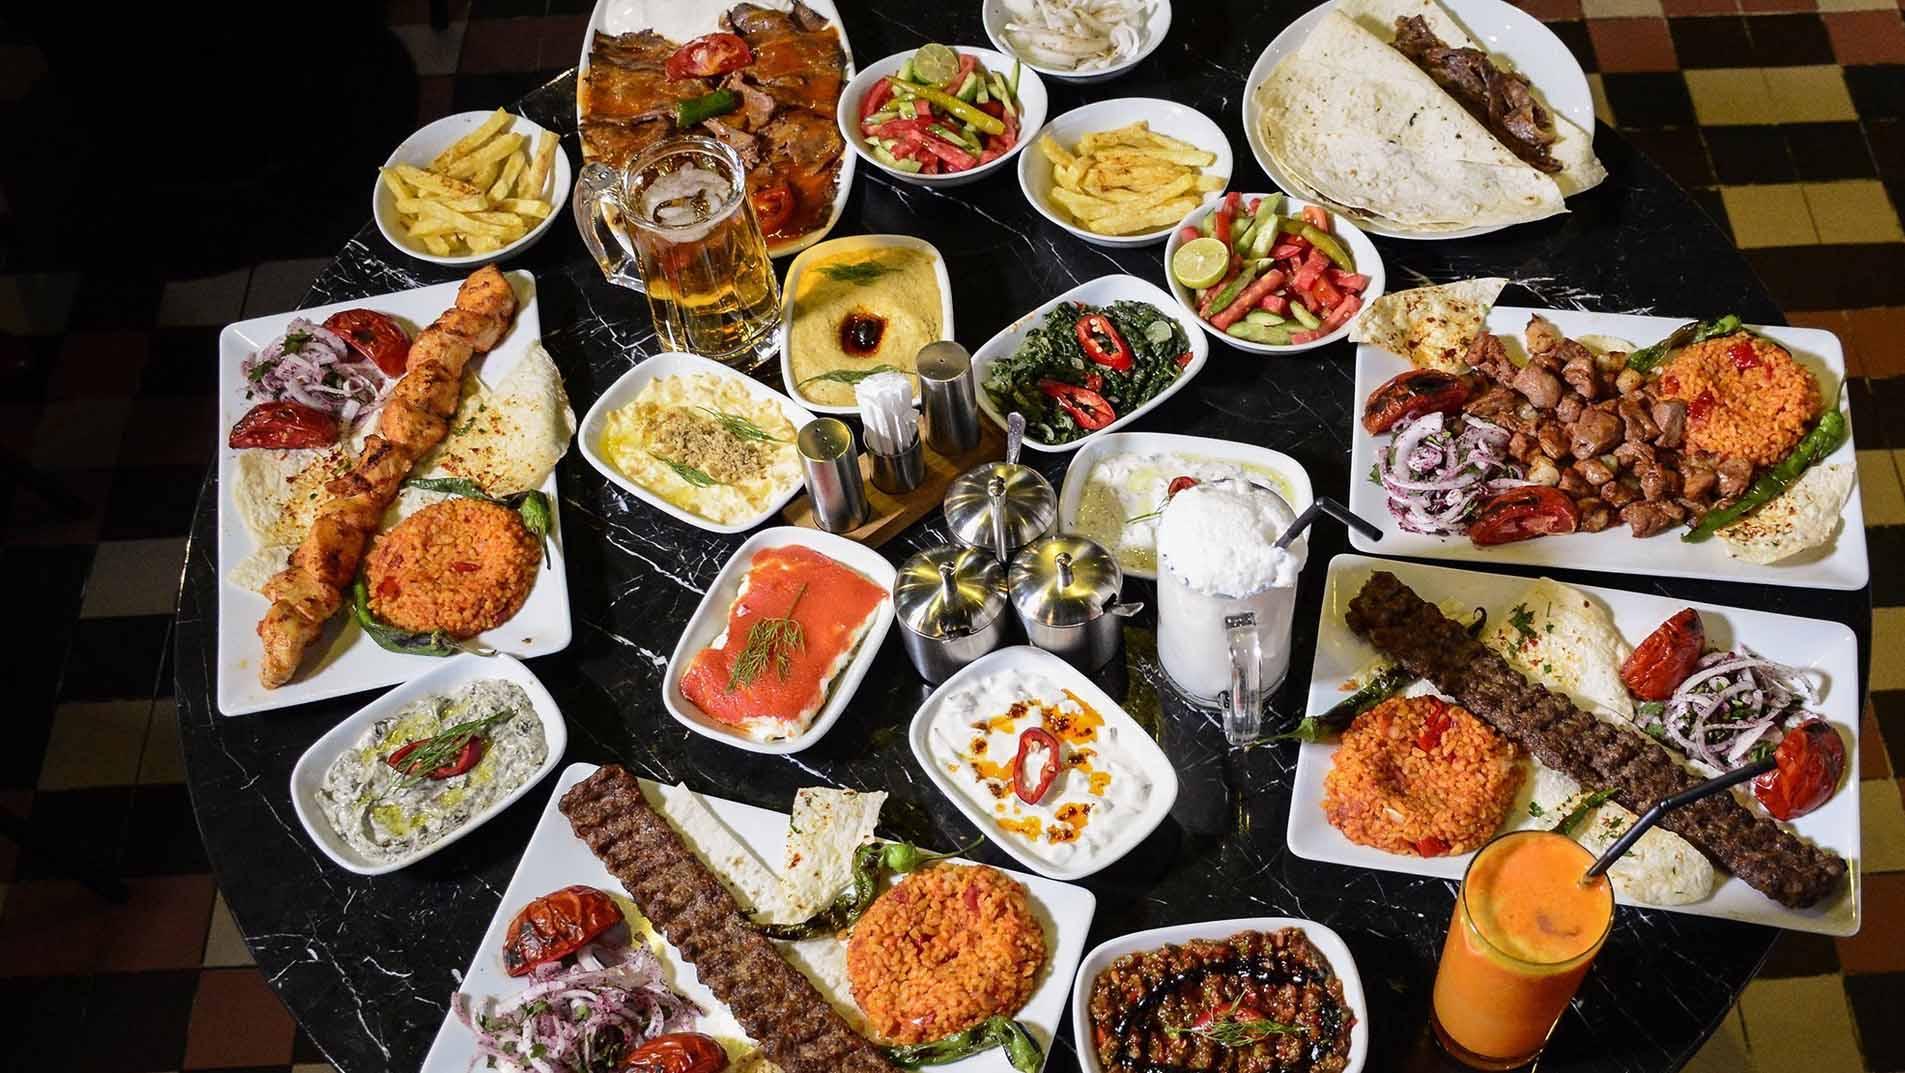 رستوران های گیلان ، معرفی جاهایی برای یک شکمگردی لذتبخش در استان باران و دریا